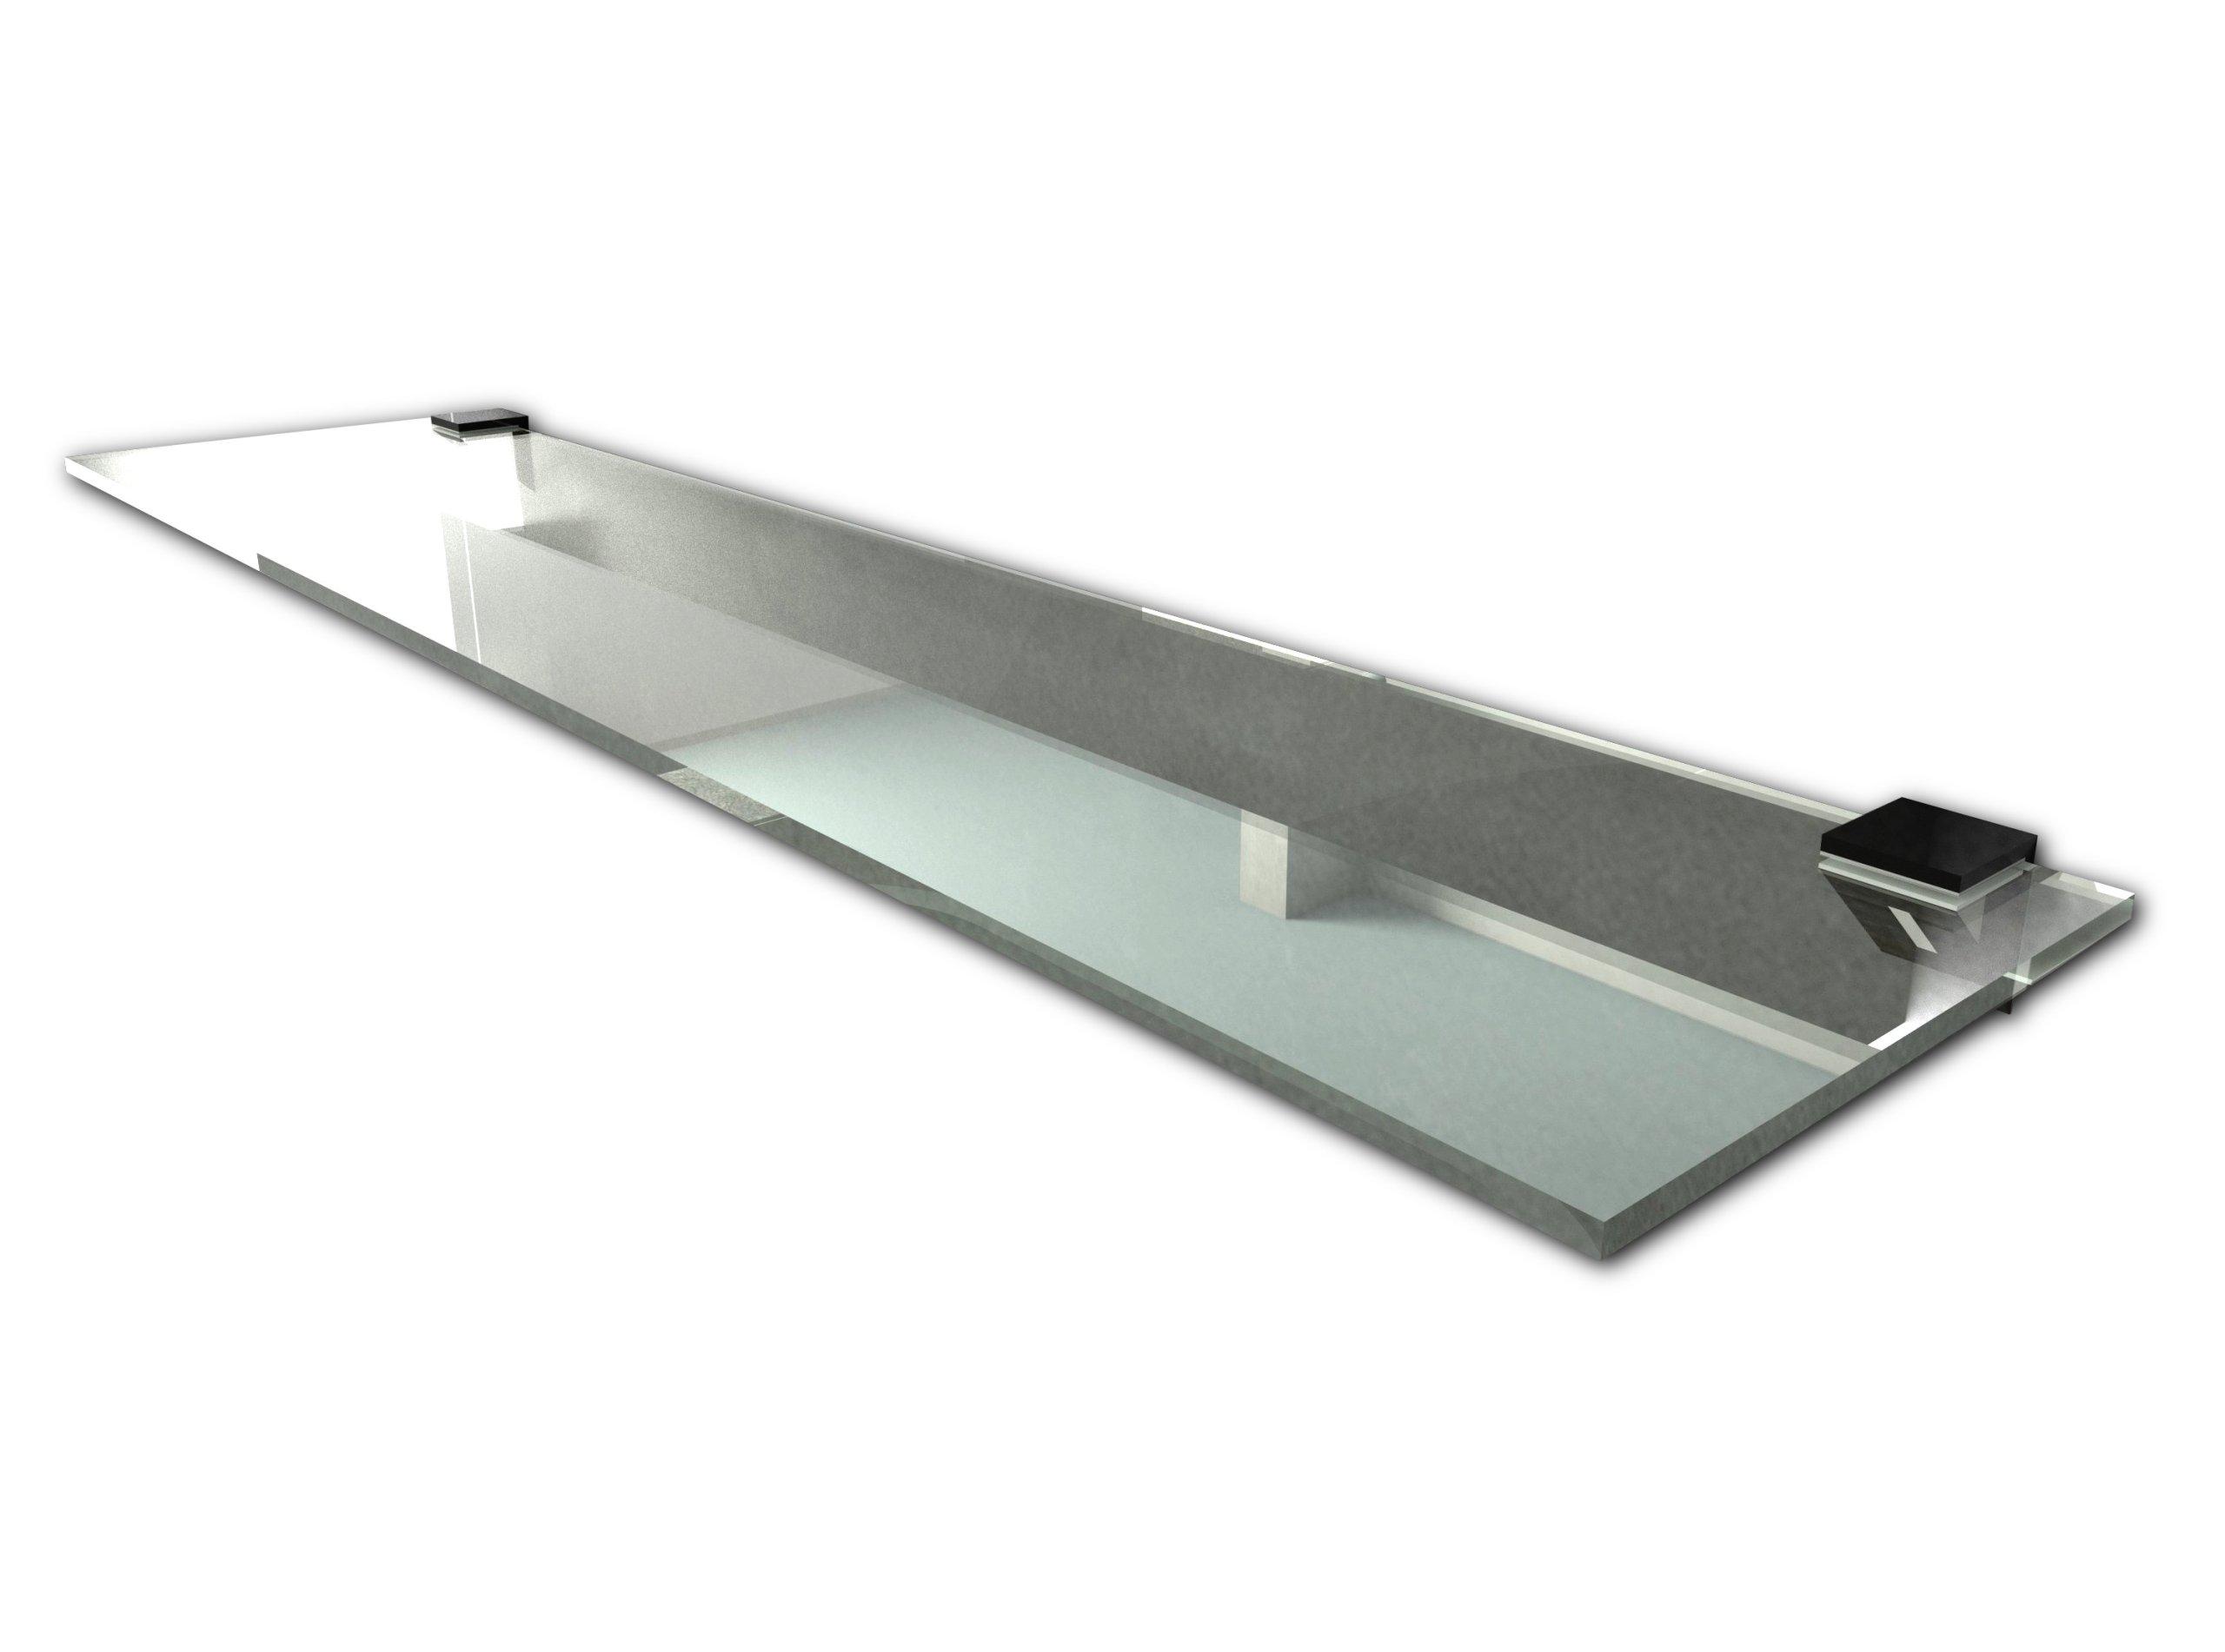 PÓŁKA SZKLANA łazienkowa pod lustro prysznic 40x14